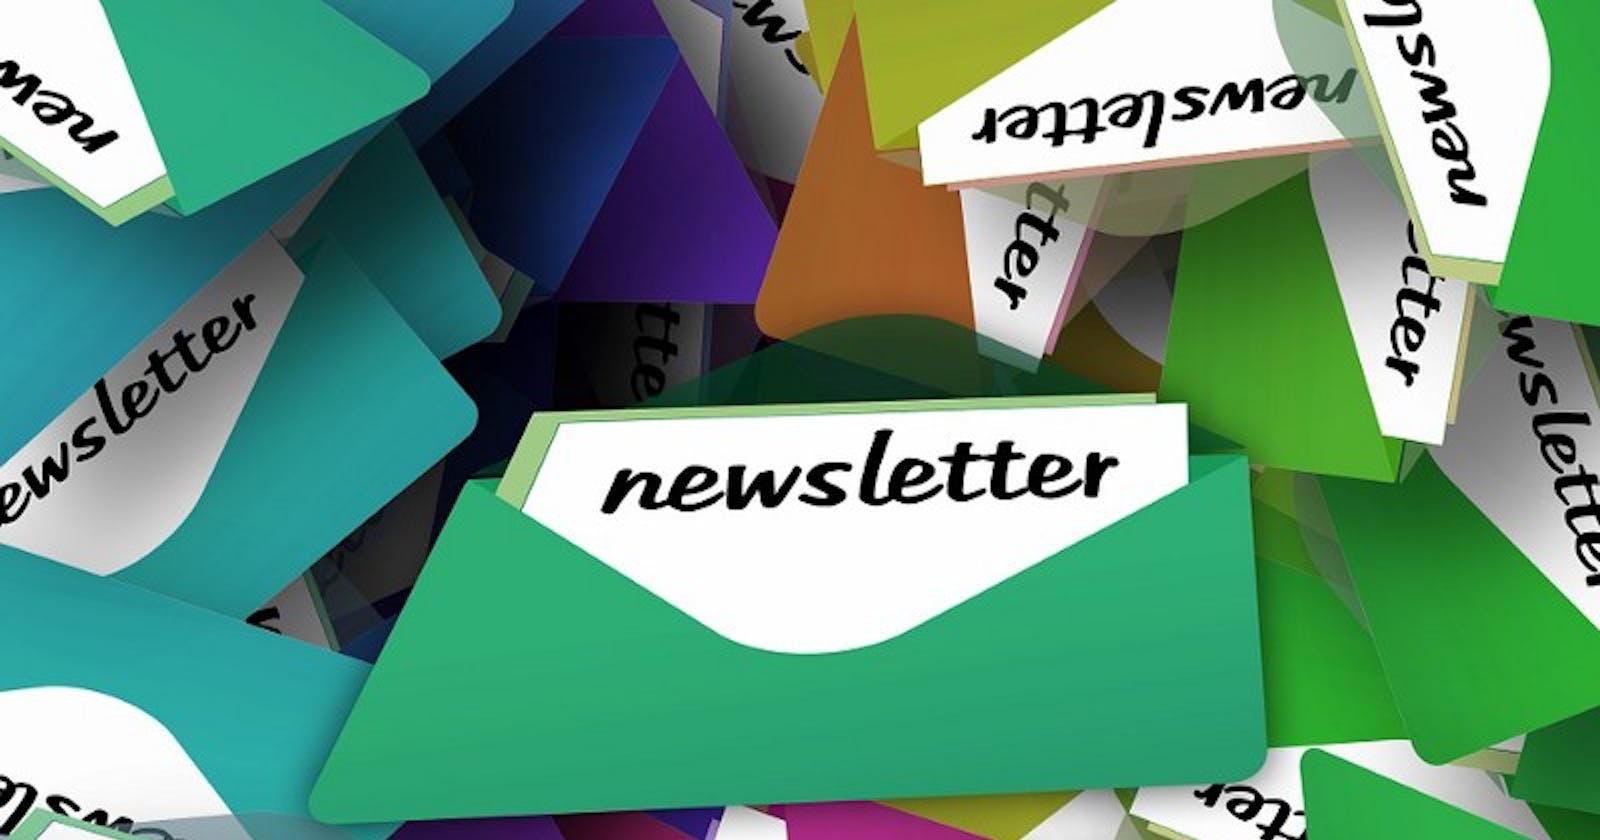 Newsletters técnicos para pessoas desenvolvedoras.